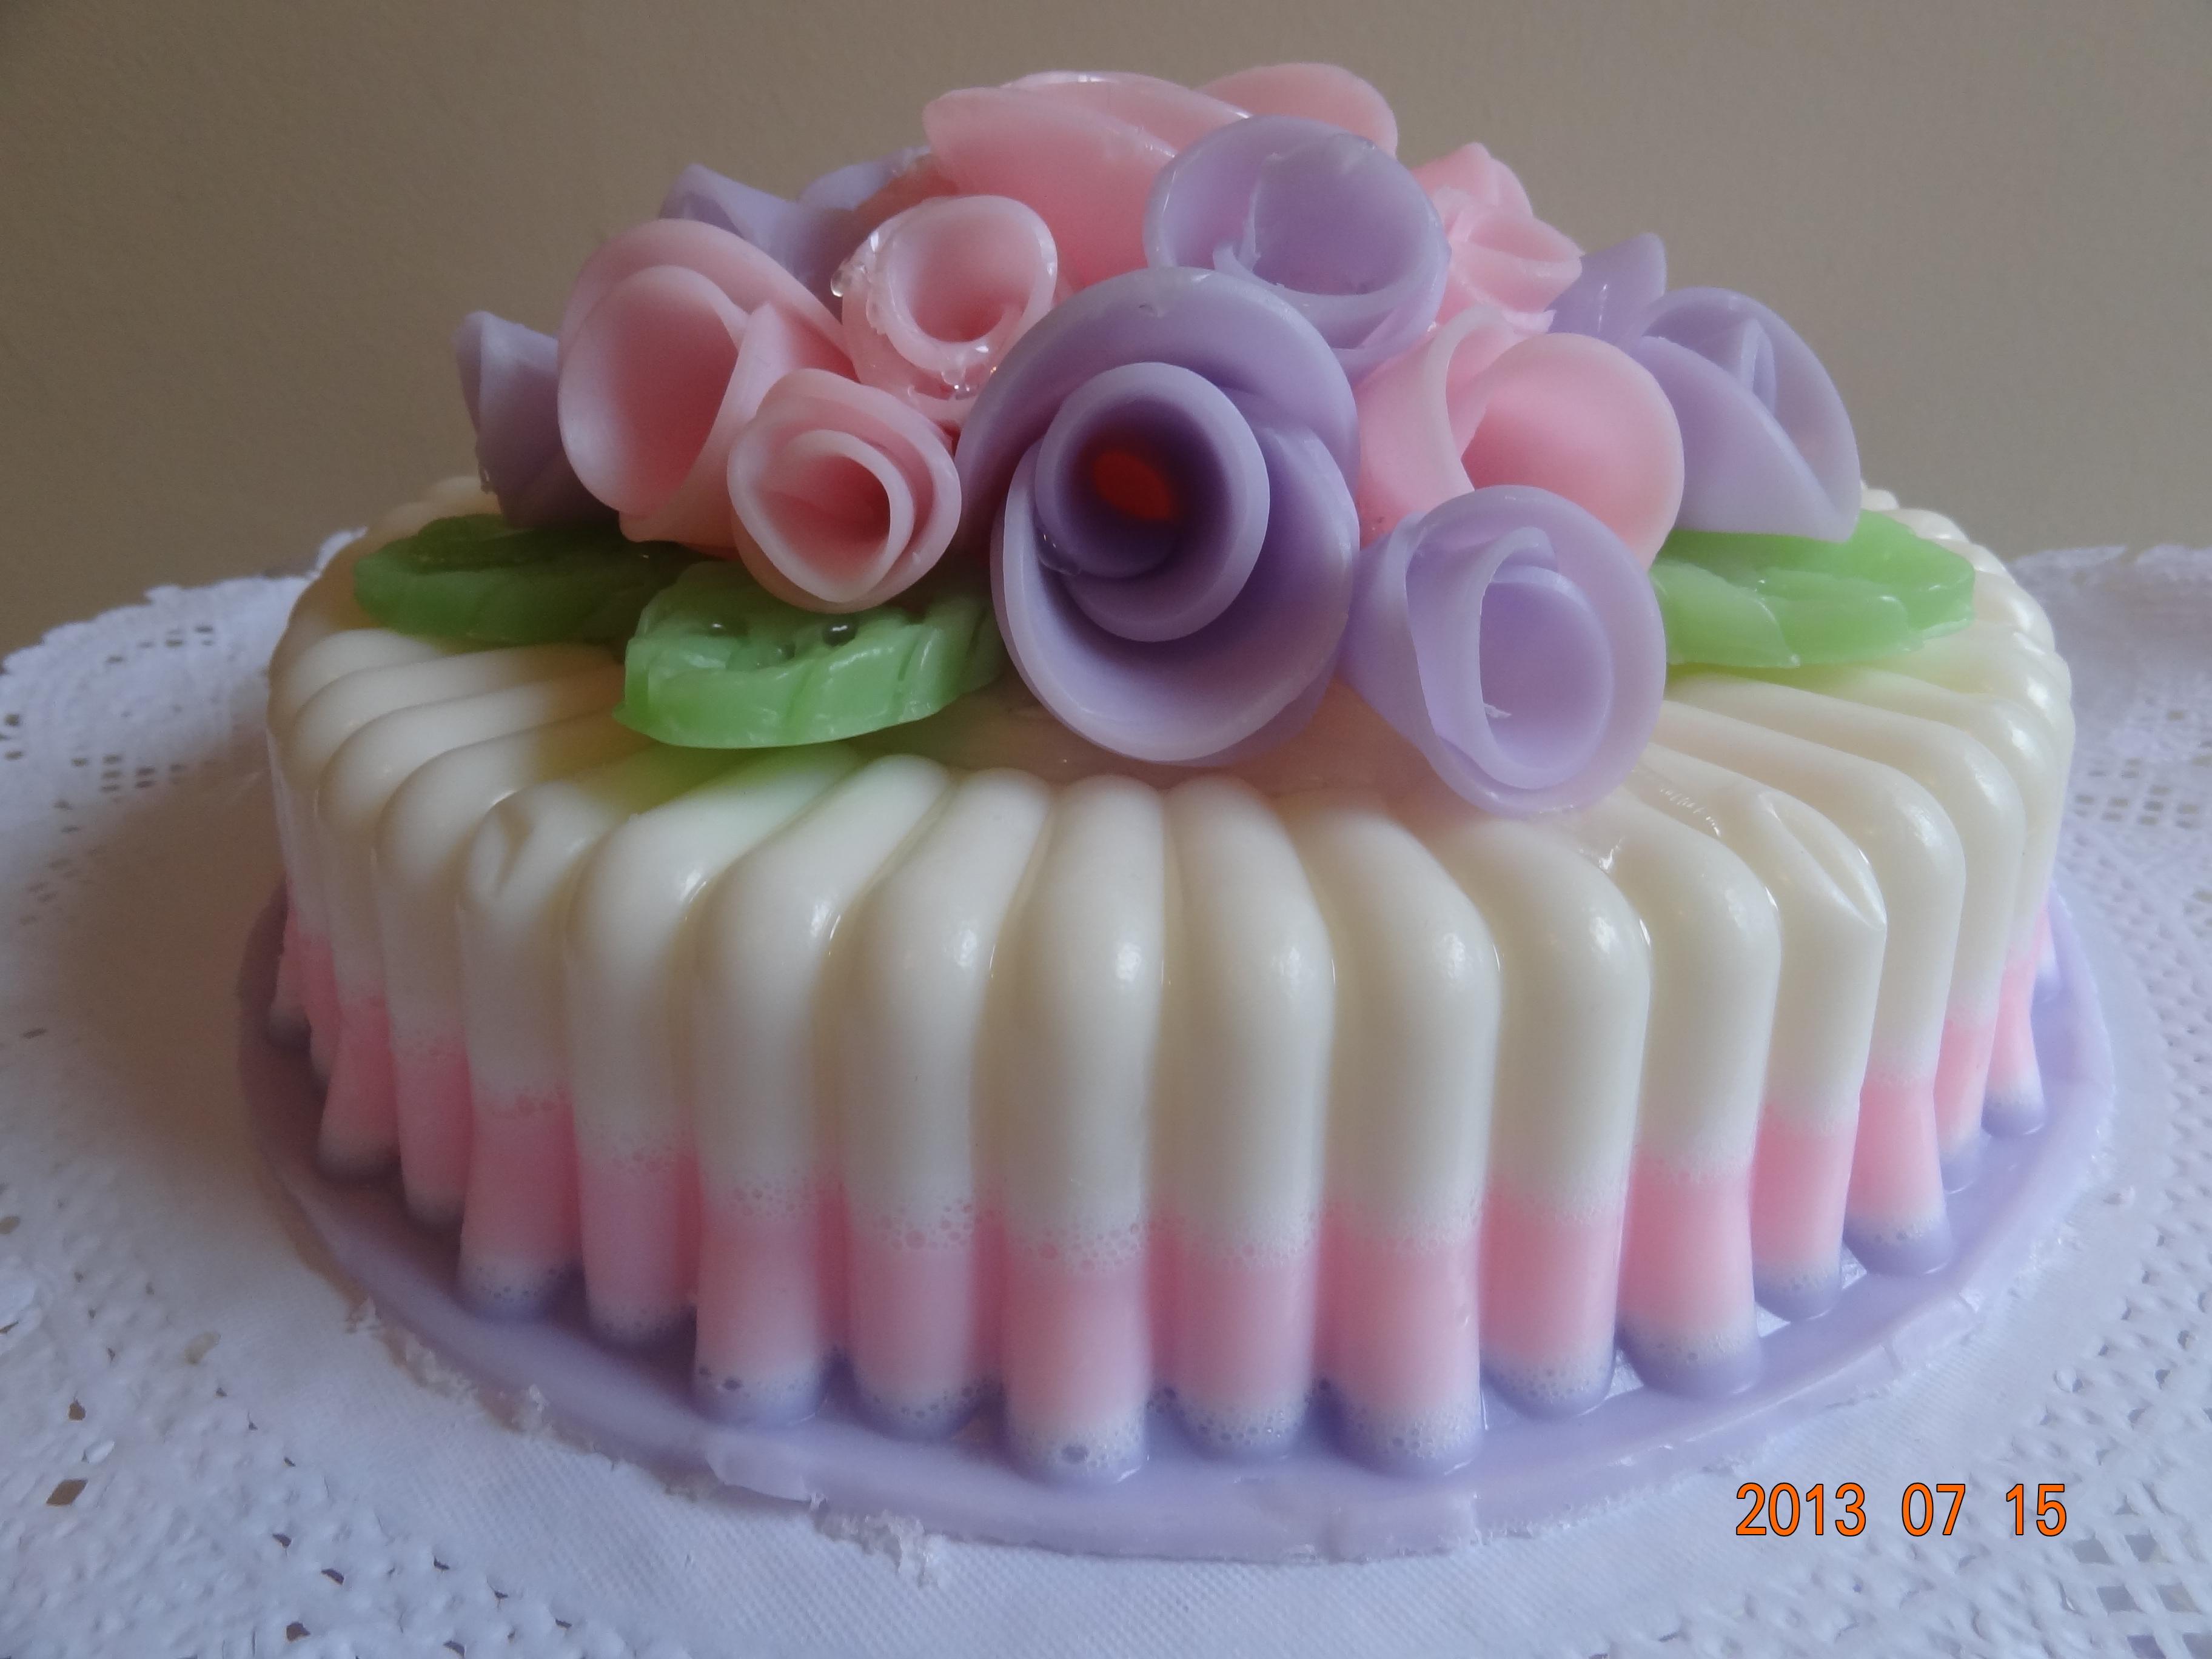 Bolo decorado com rosas no elo7 selart sabonetes artesanais 335b29 thecheapjerseys Images